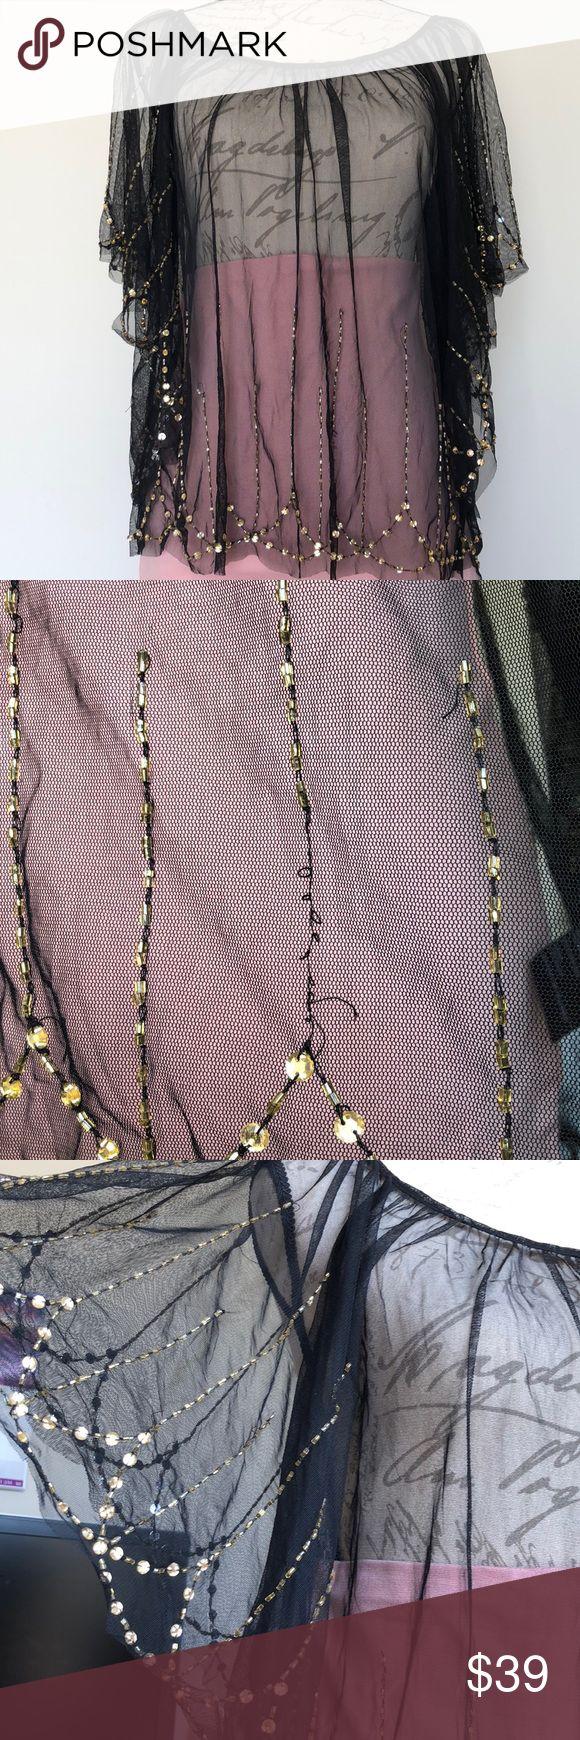 Perlen- und Strassverzierter transparenter Poncho Wunderschönes Accessoire für ein Outfit. Sein...